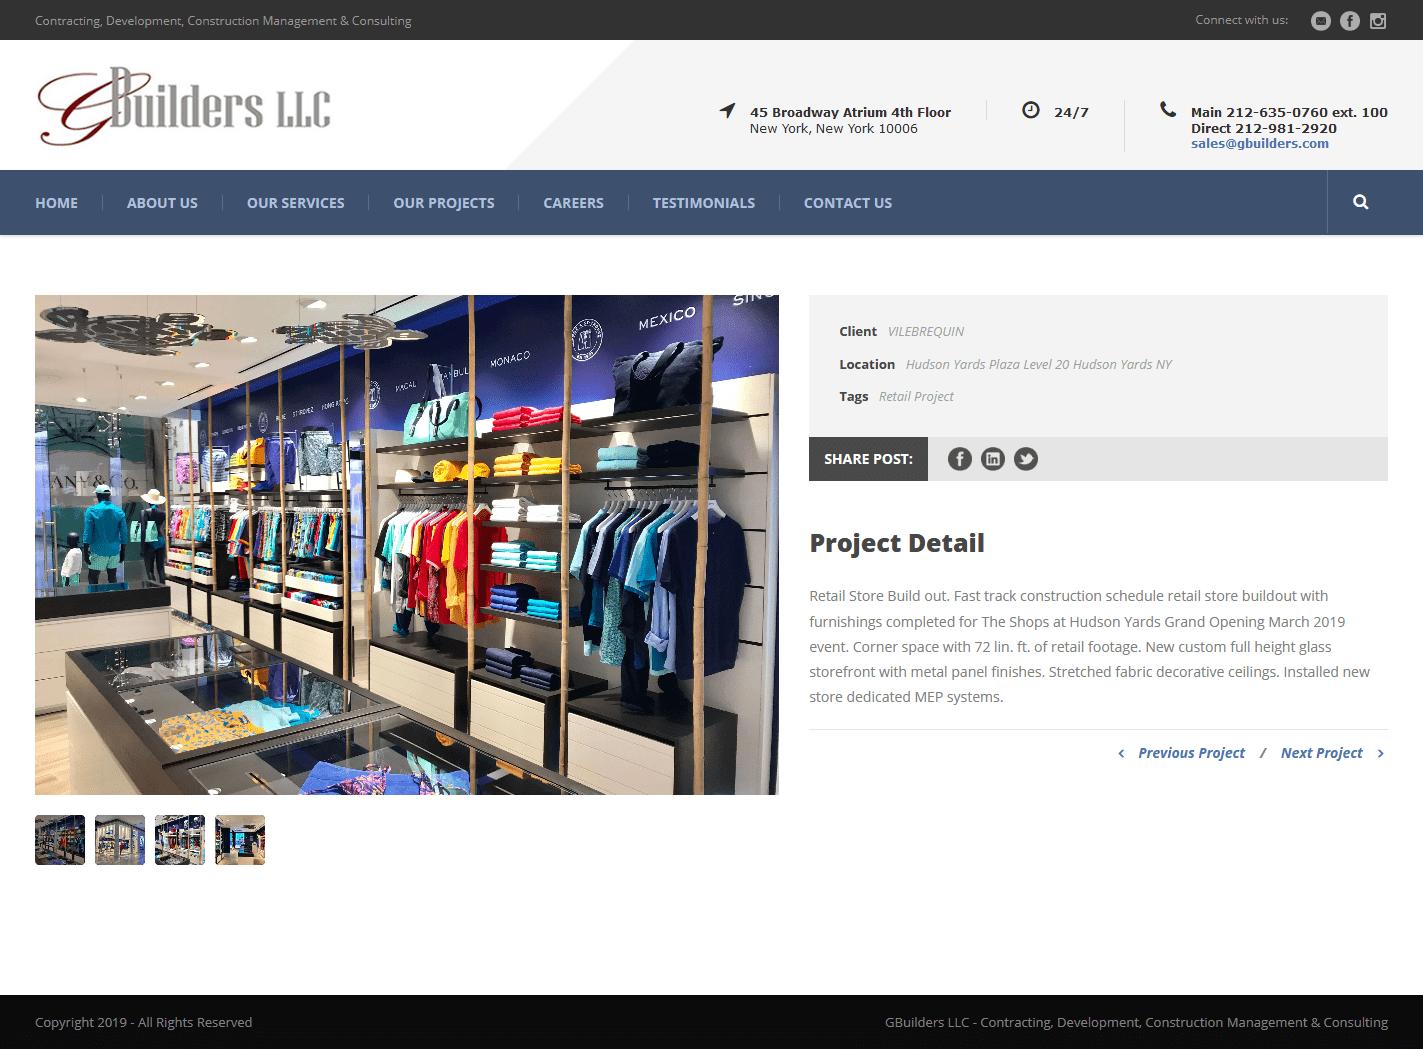 GBuilders.com